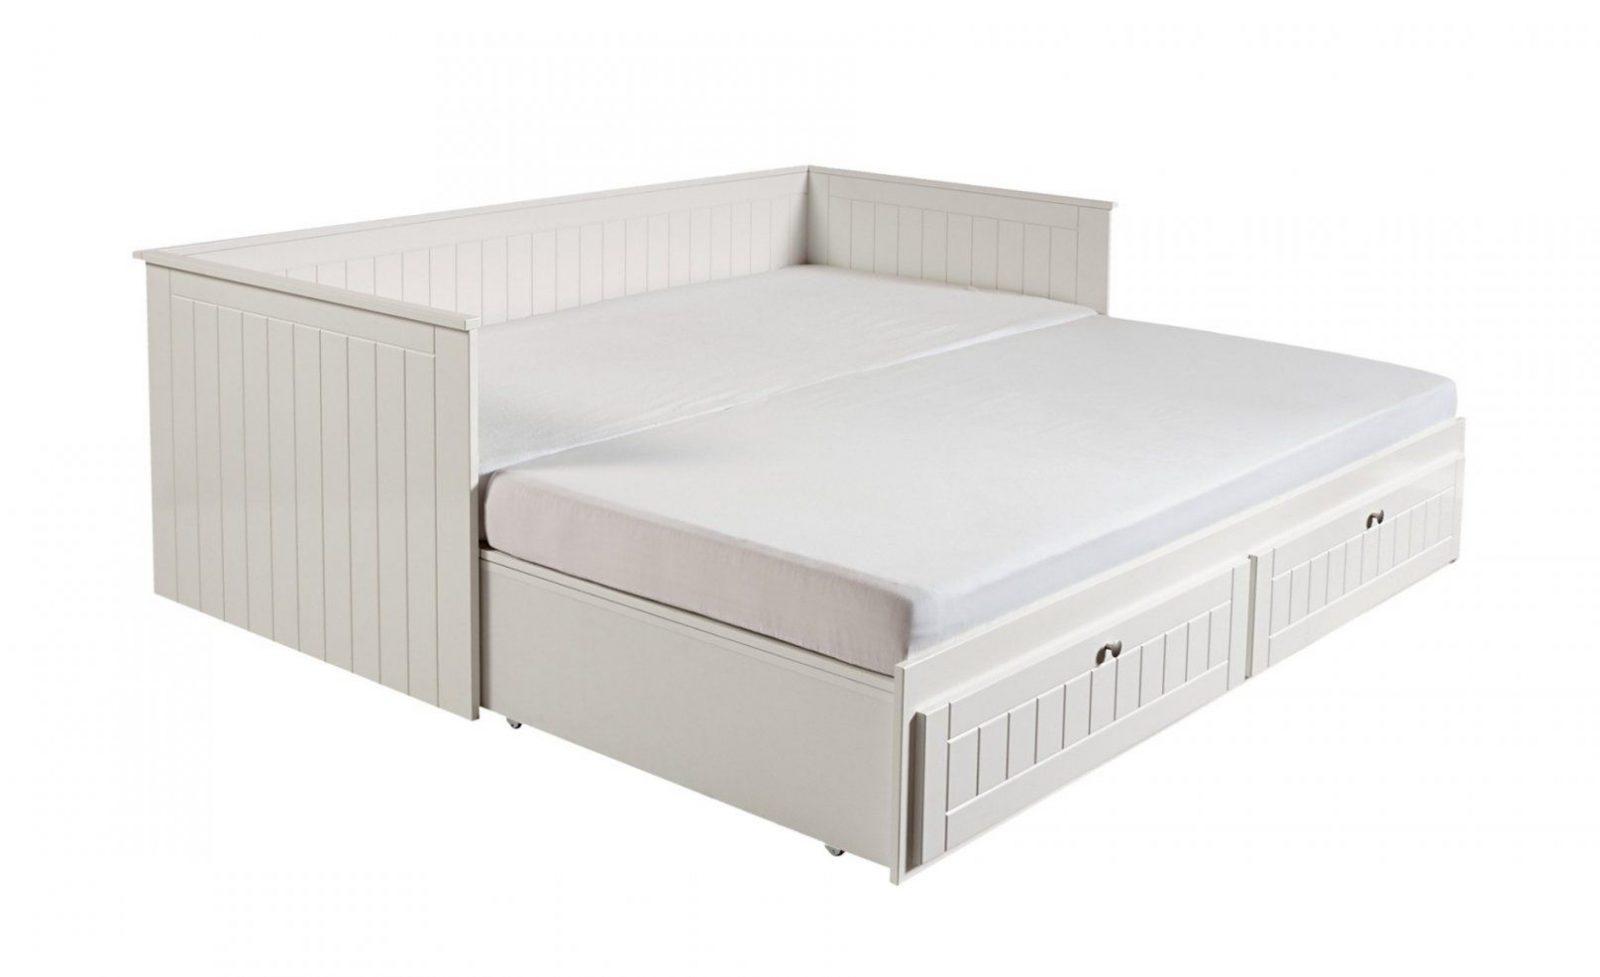 Full Size of Bett Ausziehbar Gleiche Ebene Ikea Betten Mit Bettkasten 200x180 Lattenrost 90x200 Weiß Schubladen Test Esstisch Dormiente Bambus Kaufen 160x220 Schwarzes Wohnzimmer Bett Ausziehbar Gleiche Ebene